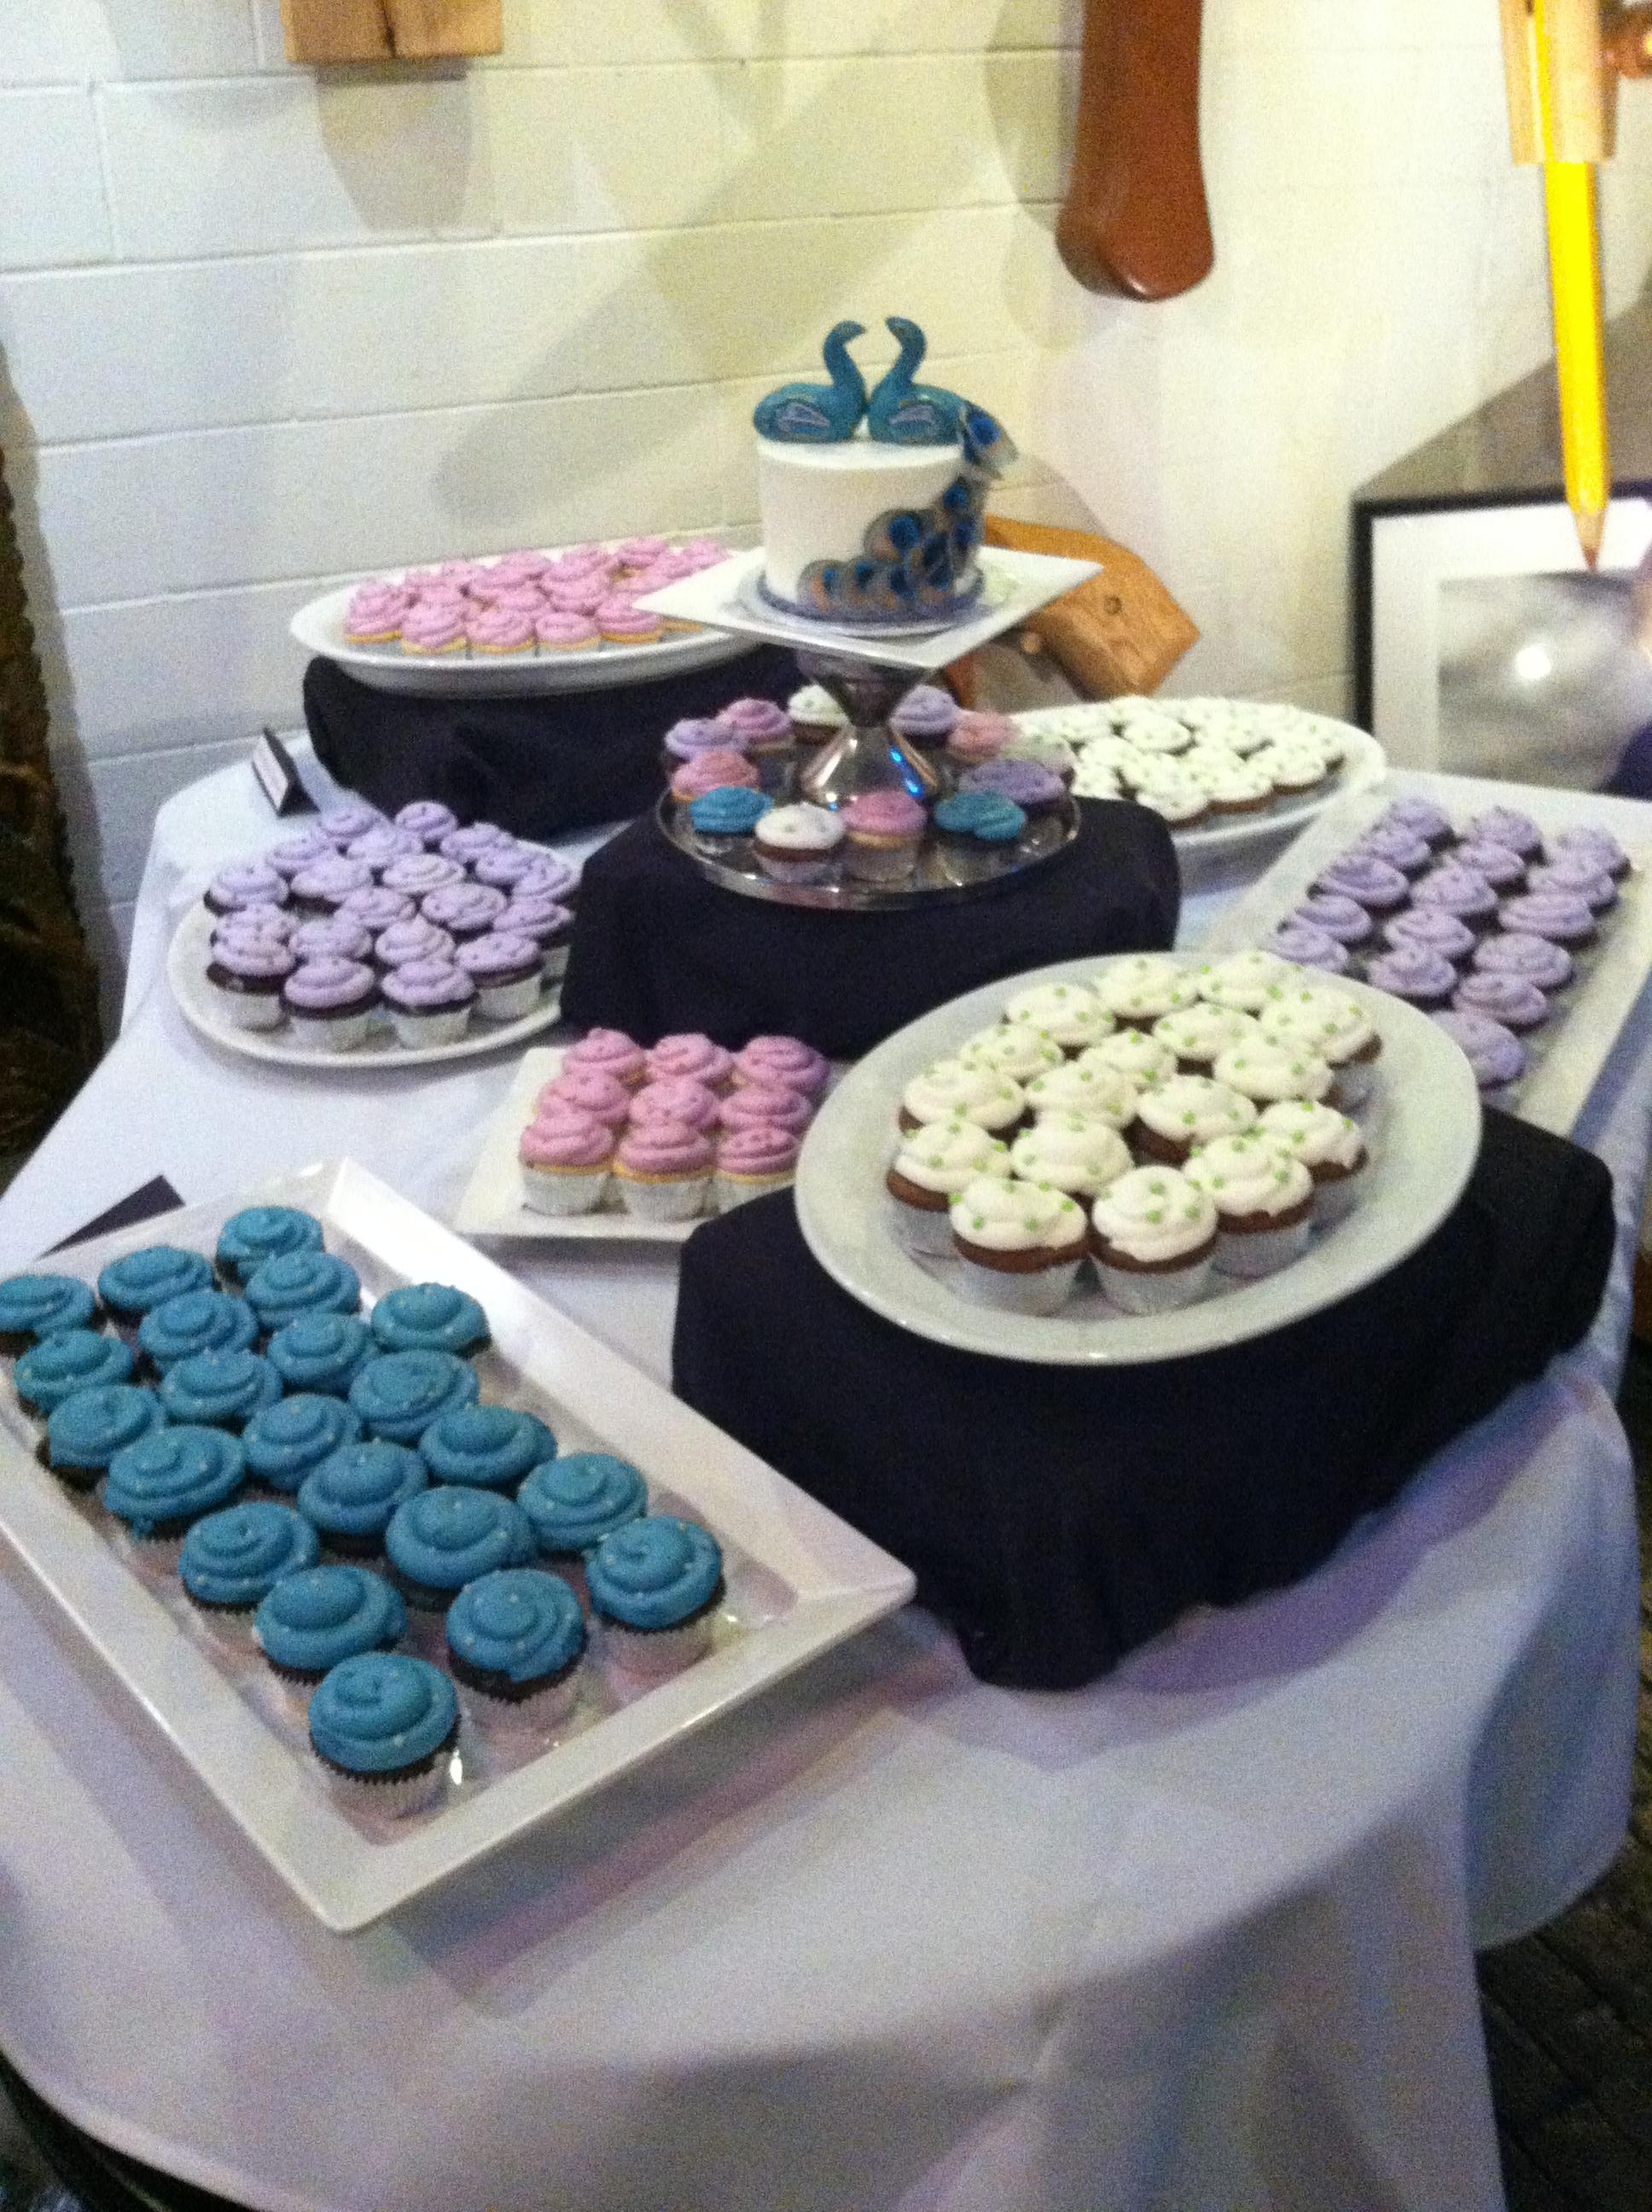 Wedding Cake wCupcakes10 Display